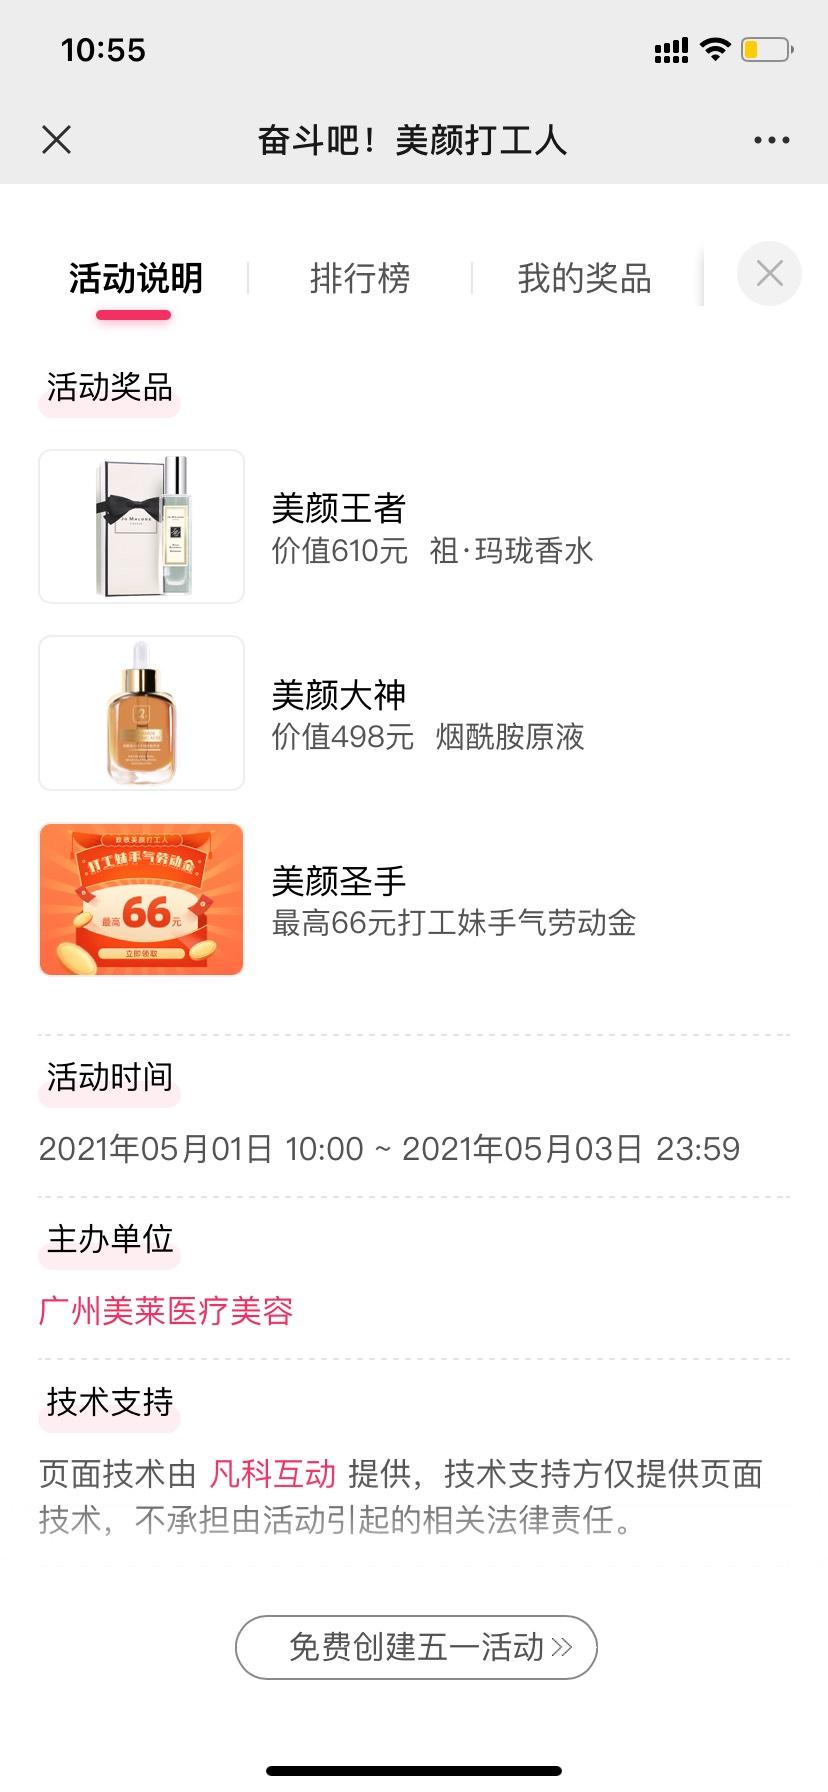 广州医疗小游戏抽红包